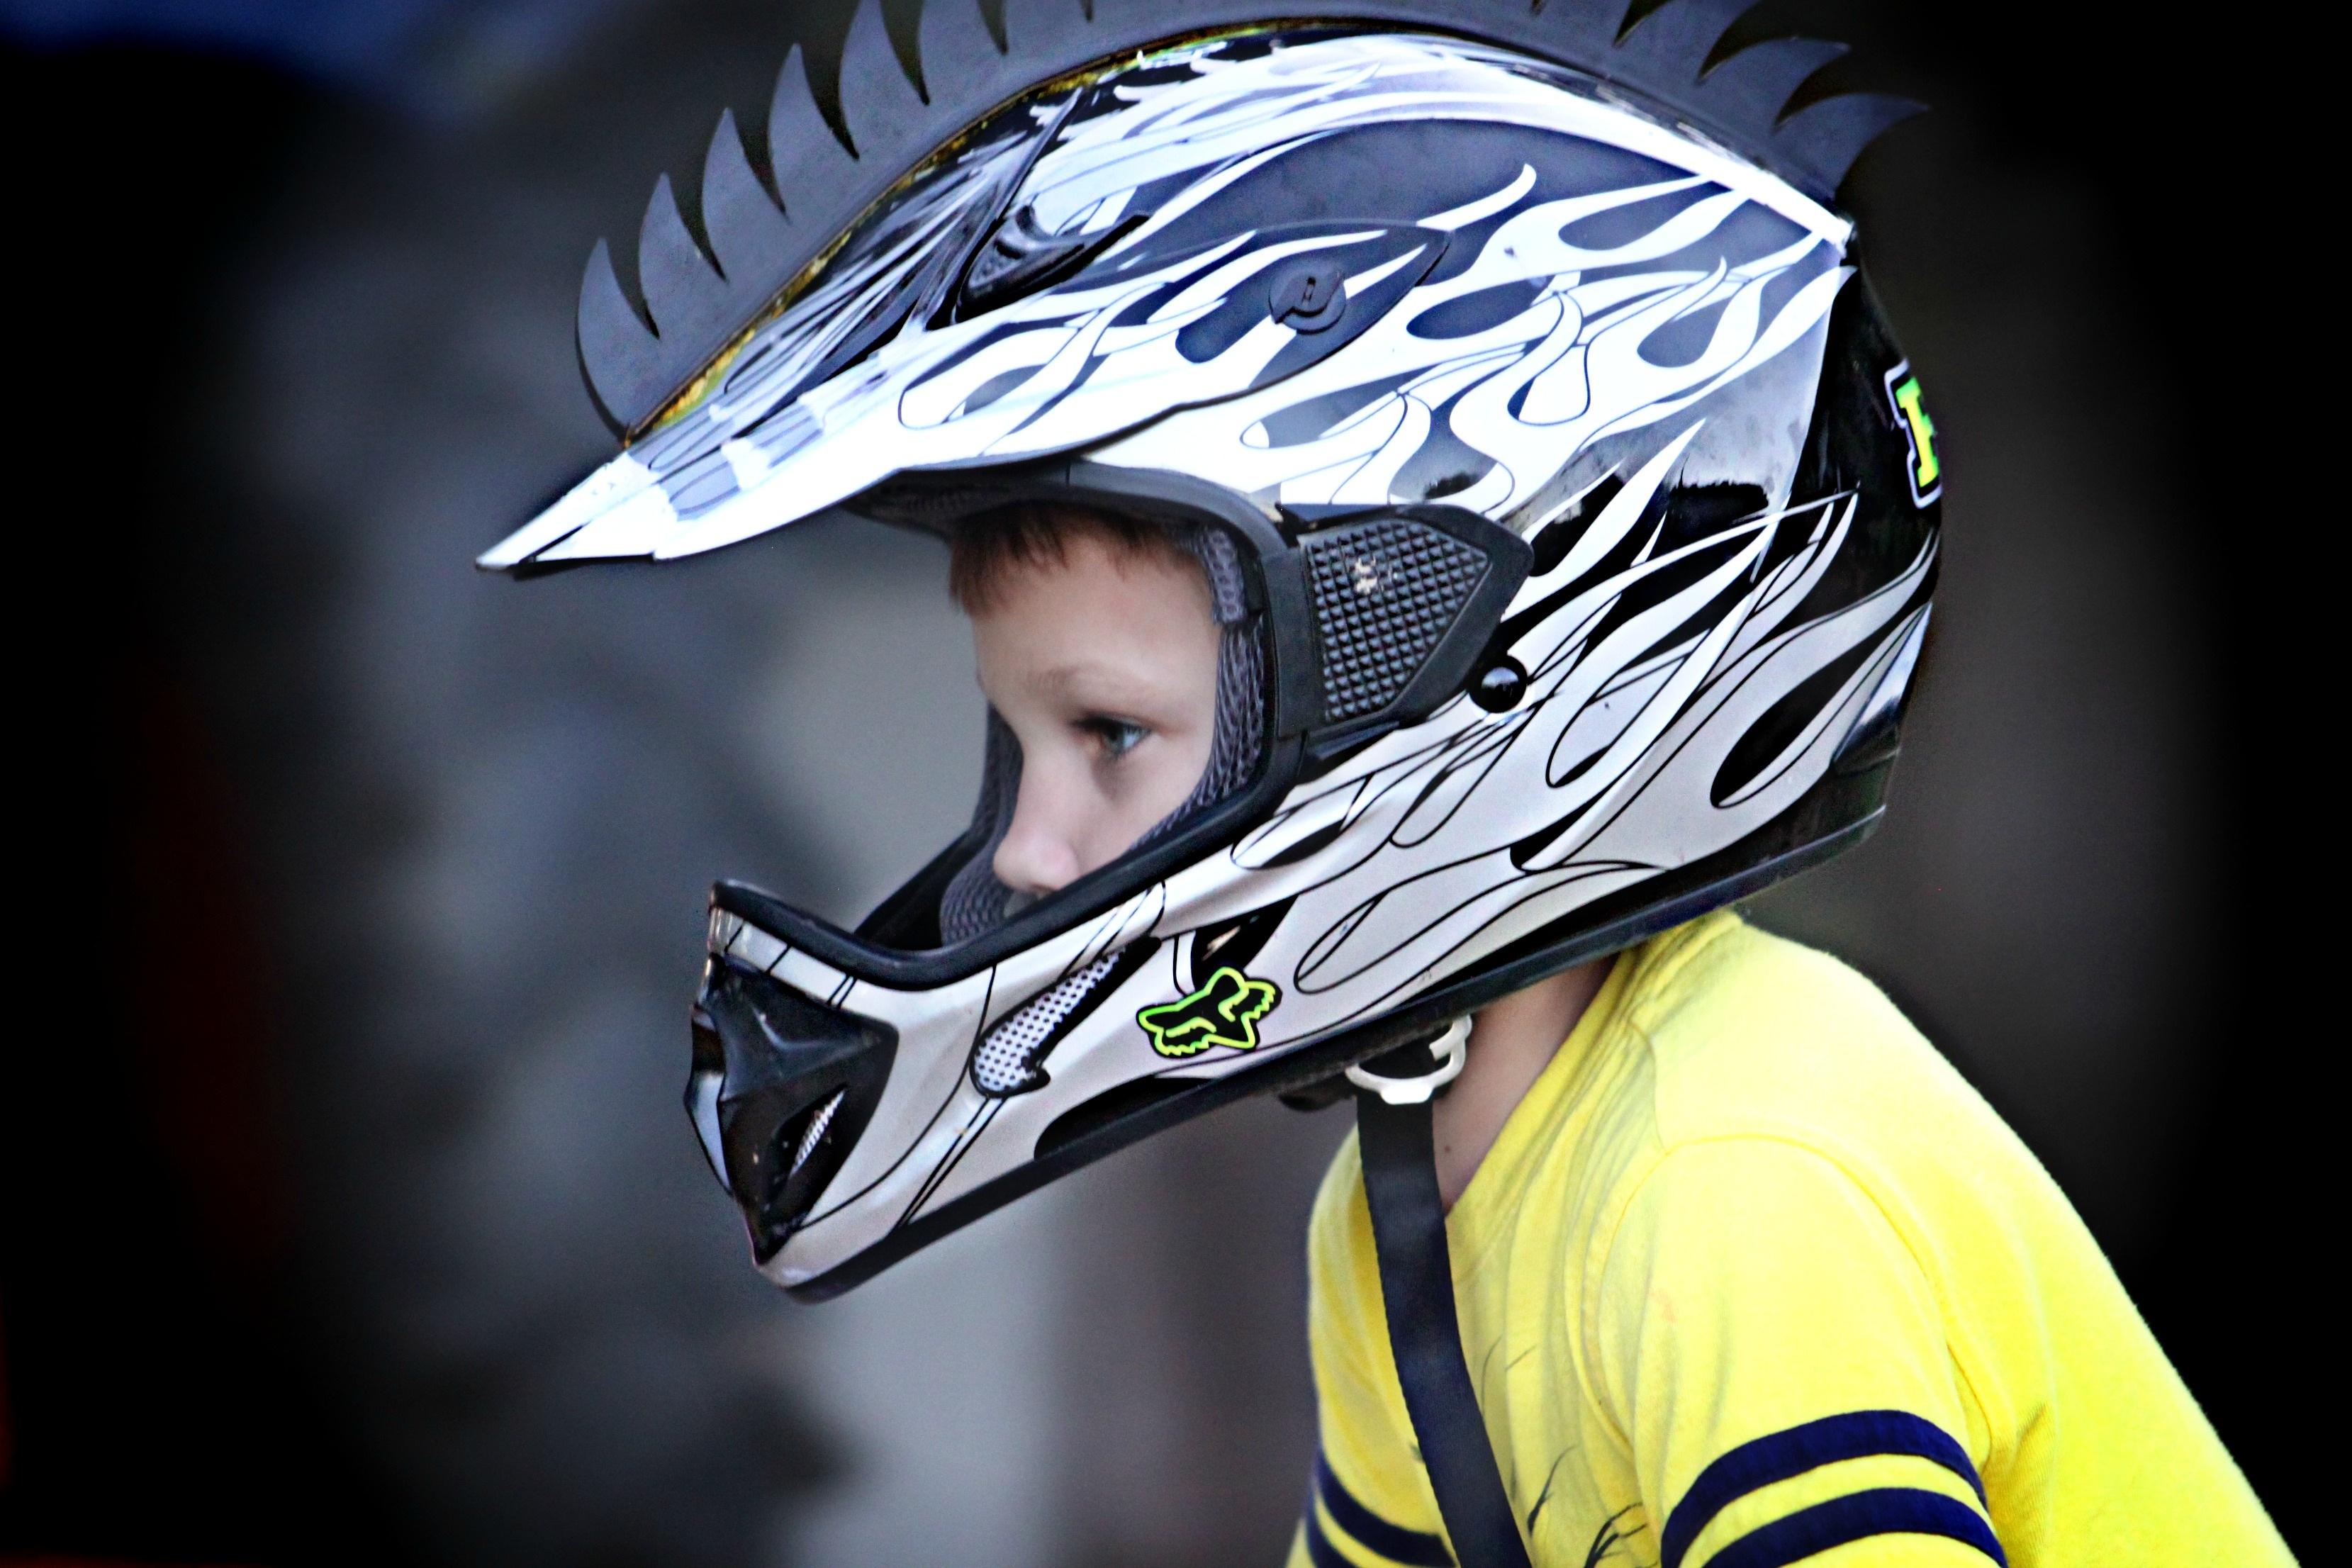 шлем спортивный картинки довоенные